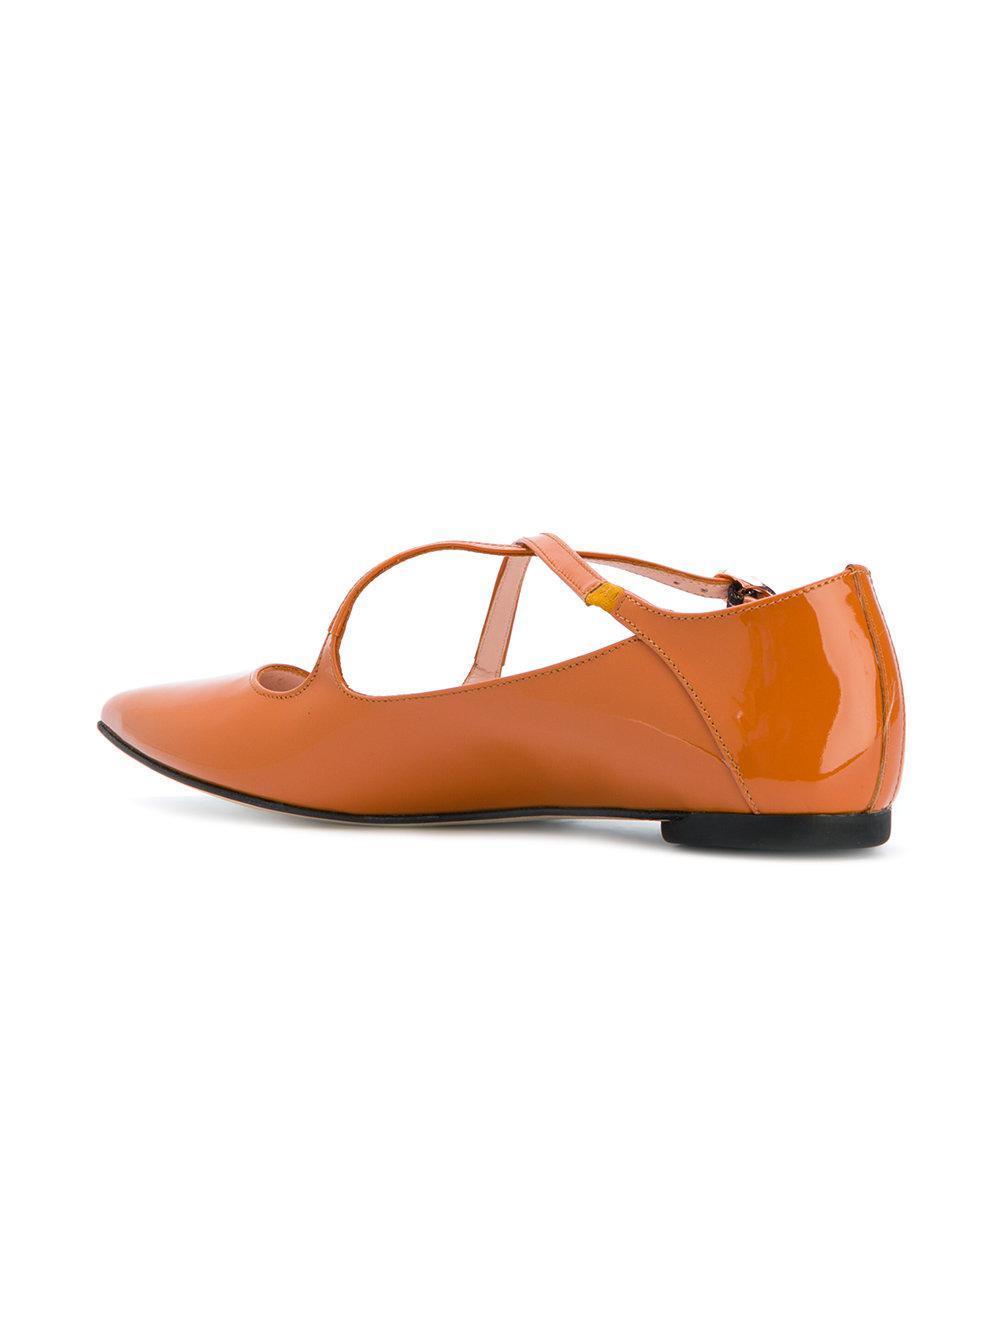 Repetto A Ballerines - Jaune Et Orange HMNFBwtVw